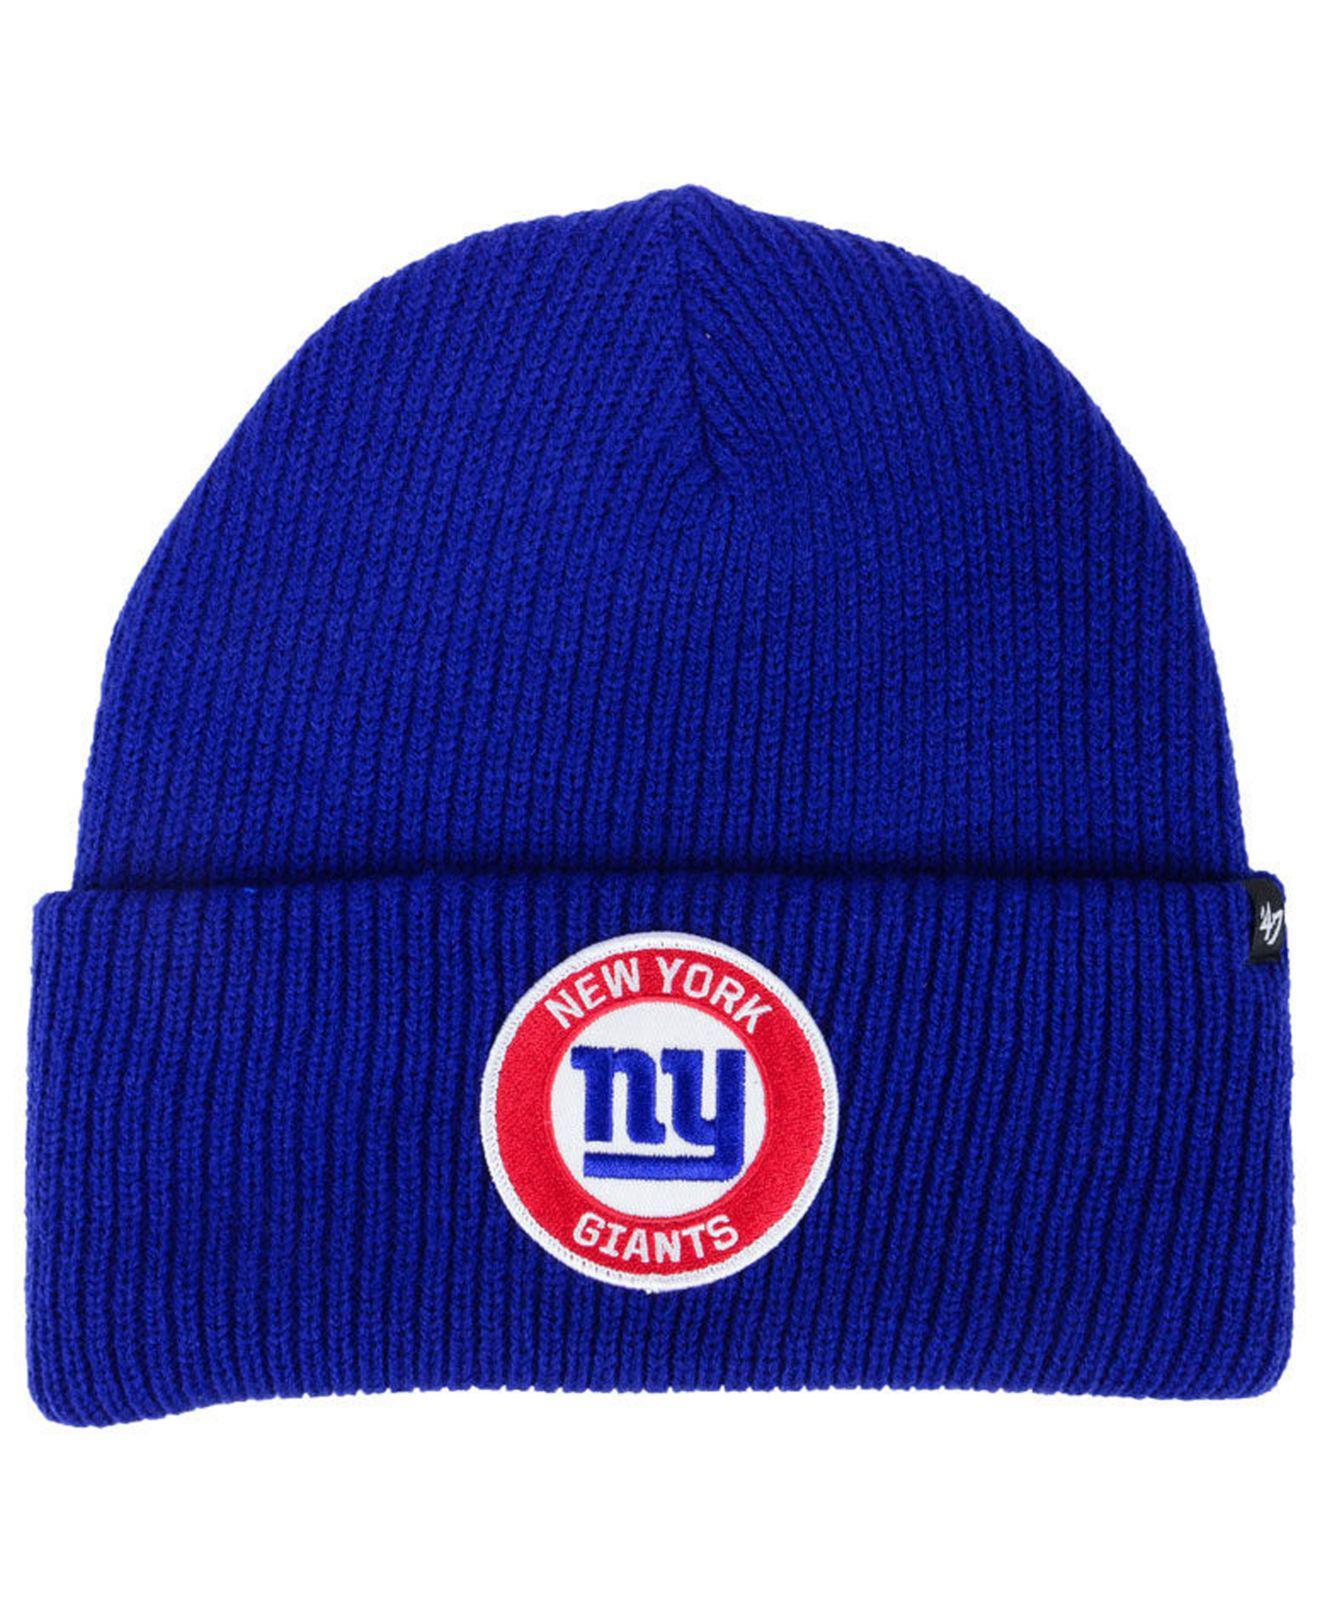 first rate b6a7a 3f564 ... aliexpress 47 brand. mens blue ice block cuff knit hat a78d1 9b182